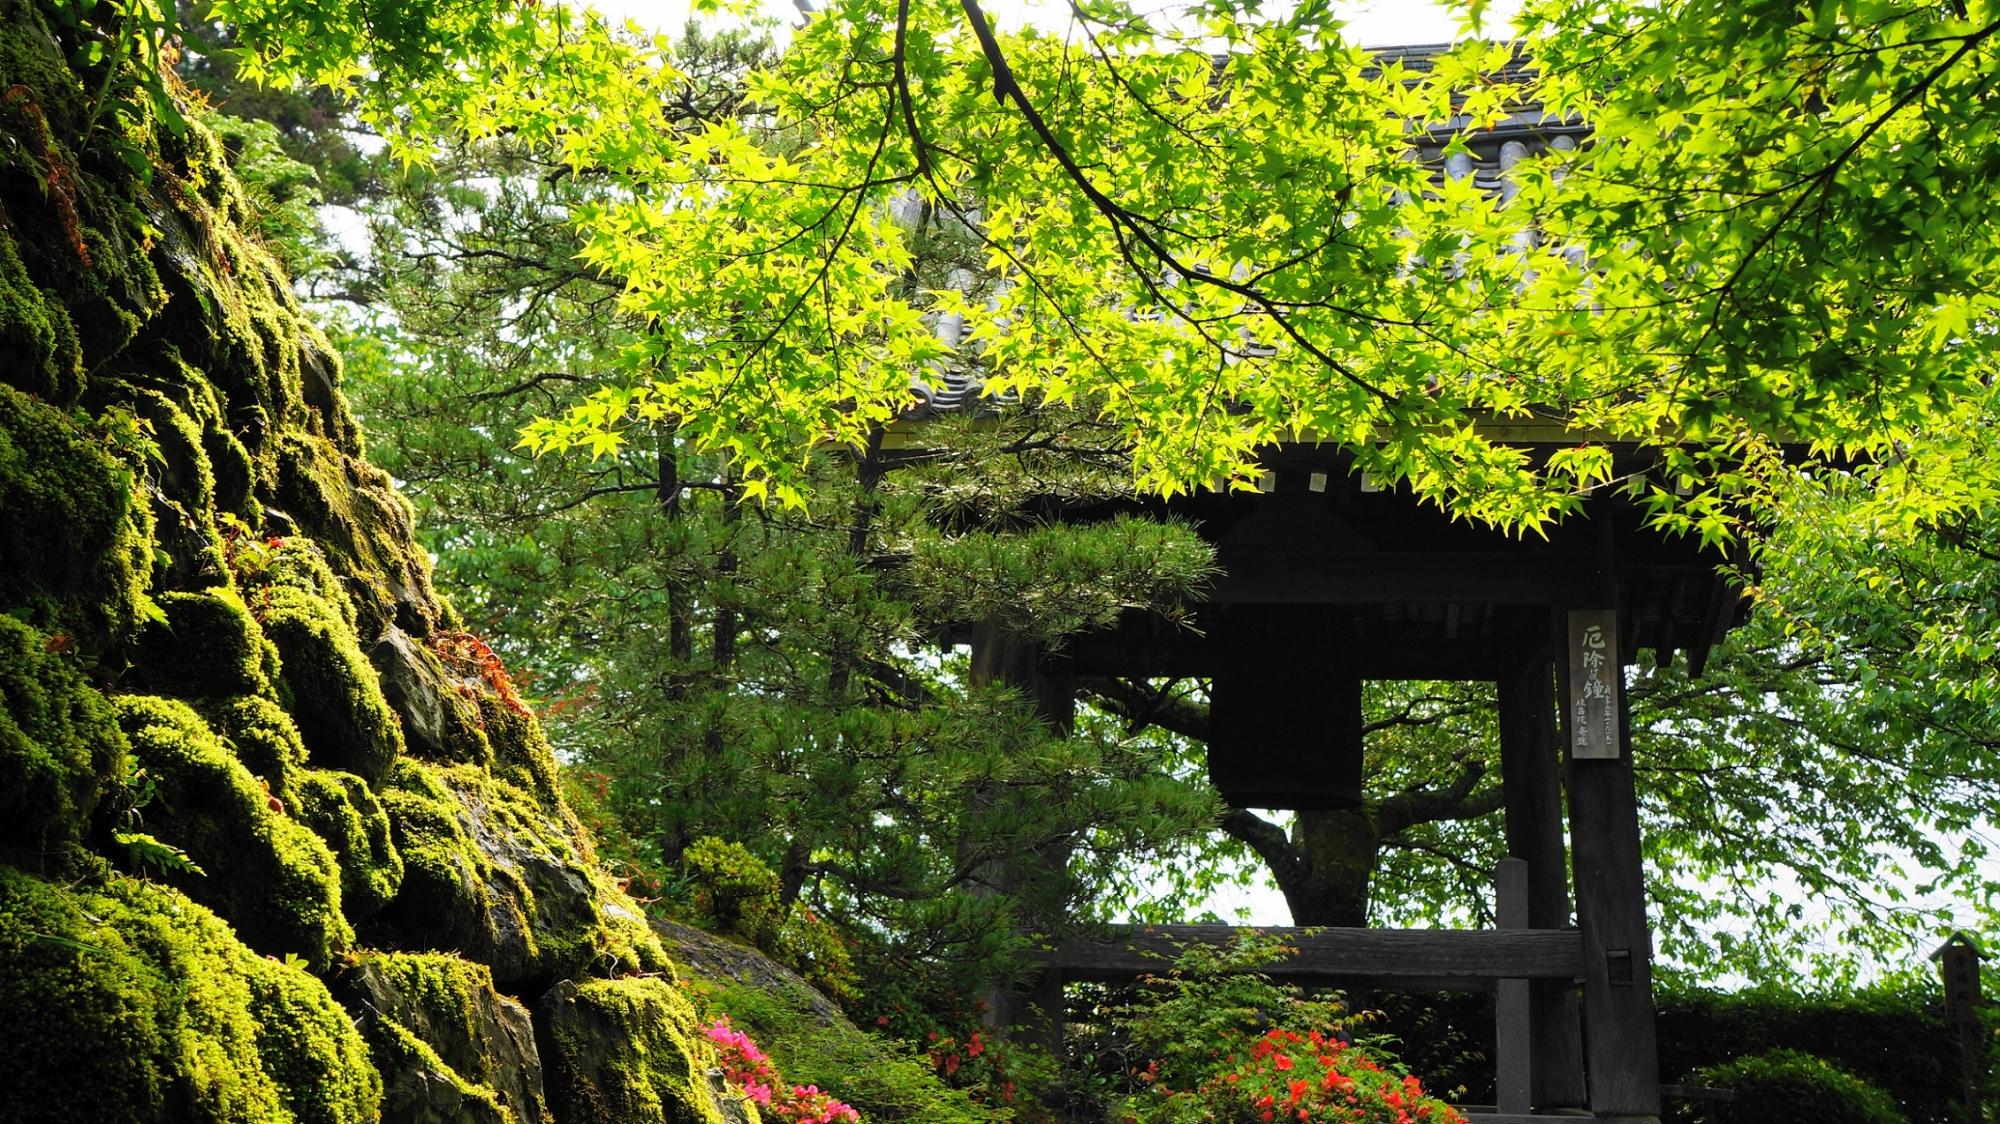 美しい新緑と苔につつまれた善峯寺のつりがね堂(鐘楼)